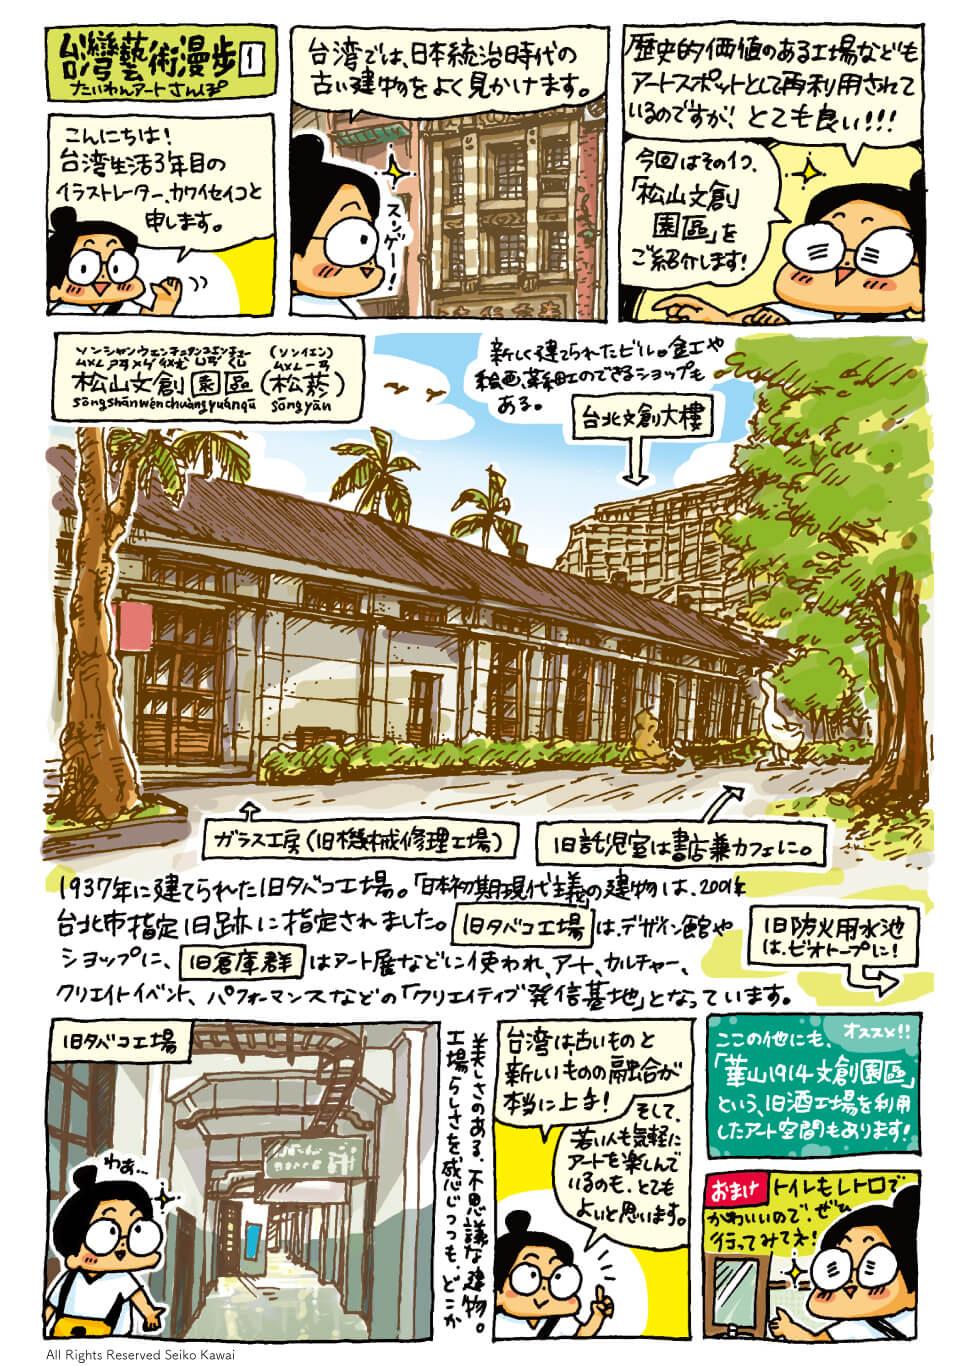 プラスフクオカ |WEBマンガ連載|河合誠子「台湾アート散歩」p01